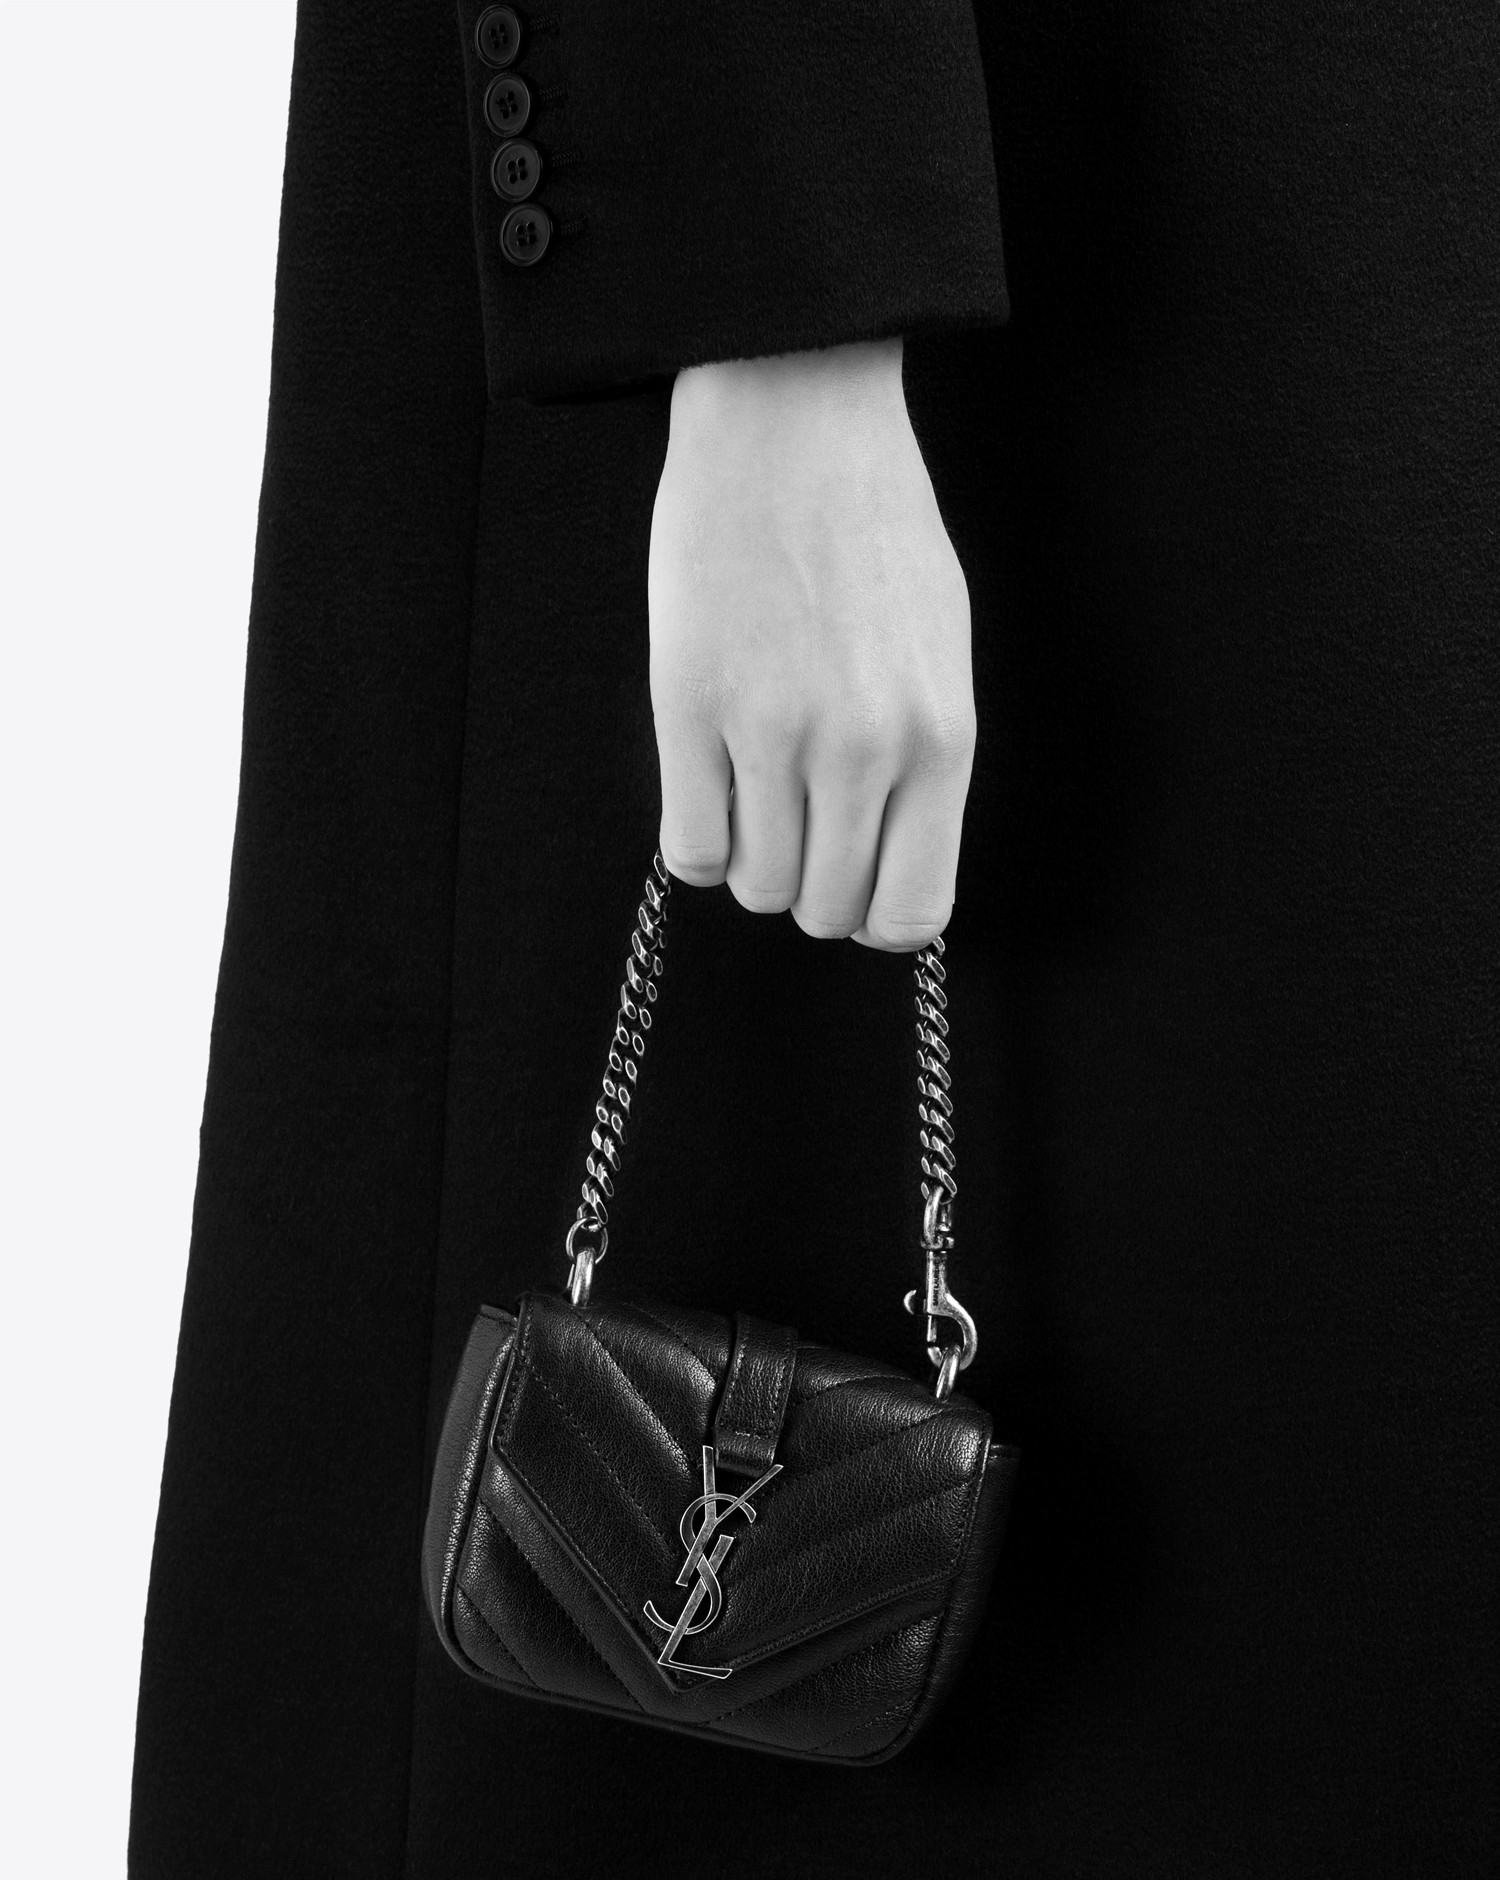 Lyst - Saint Laurent Mini College Bag In Bordeaux Matelassé Leather 079a454c18b38